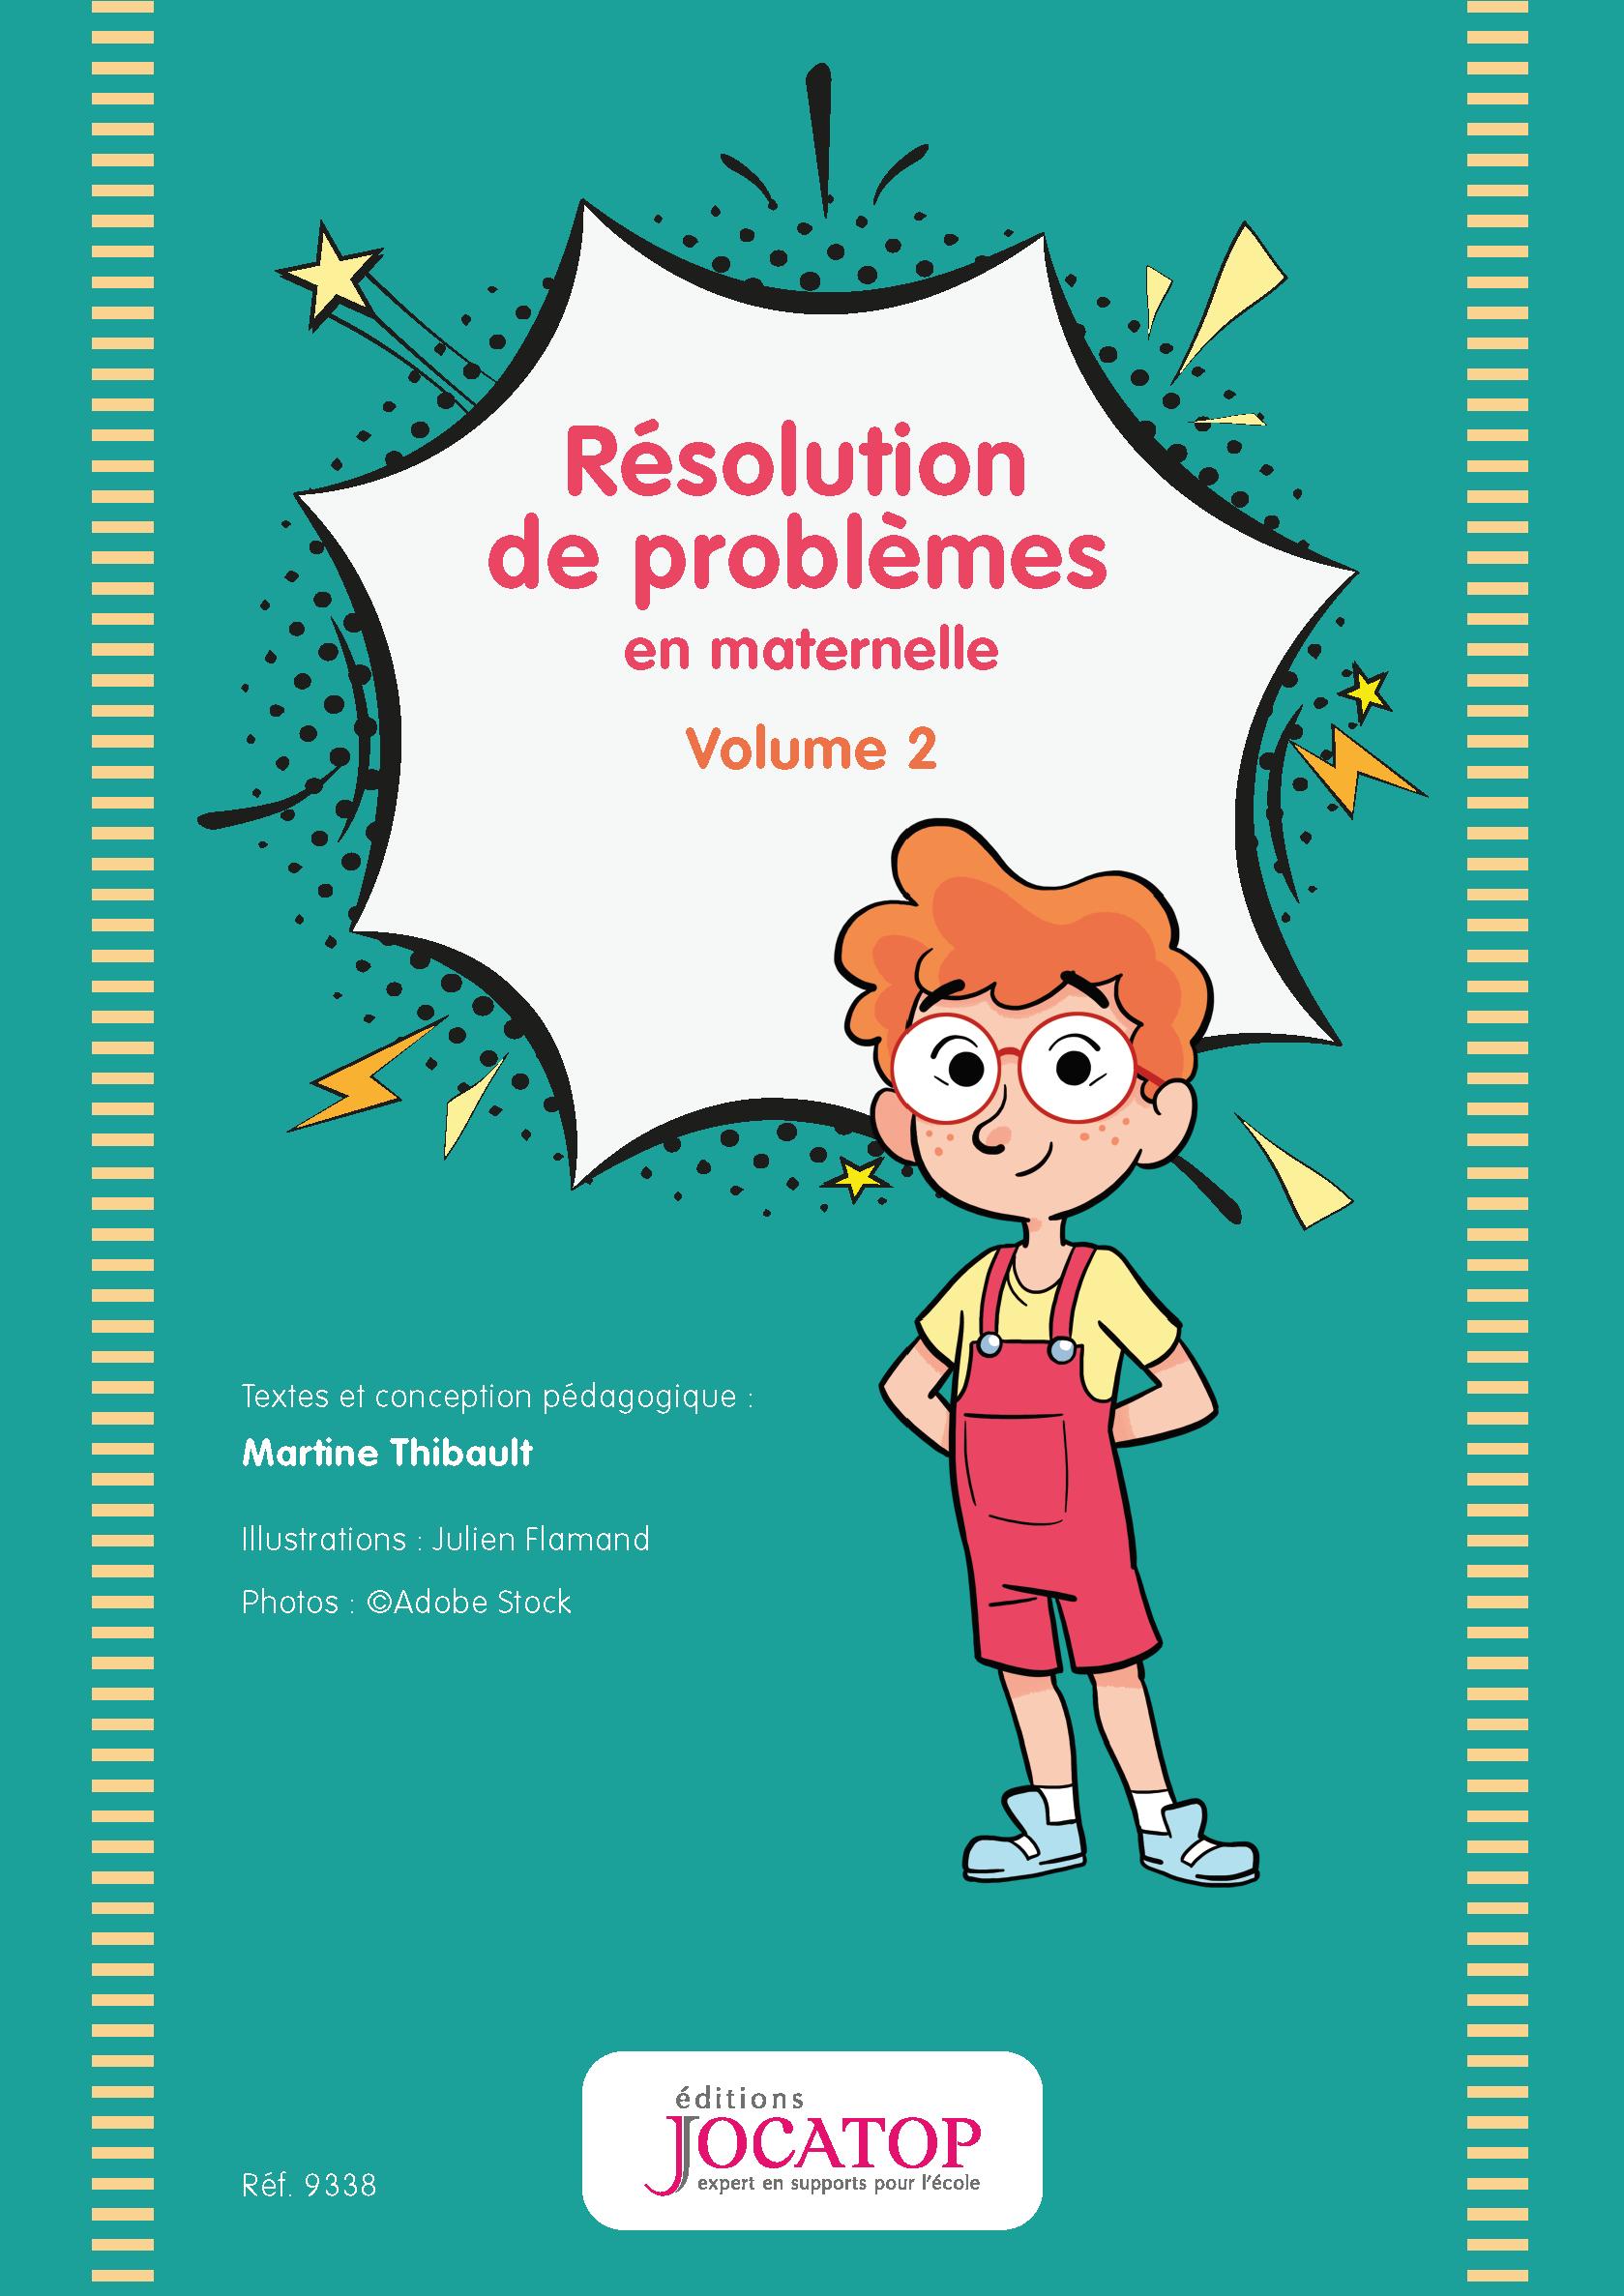 Guide Résolution de problèmes en maternelle Volume 2